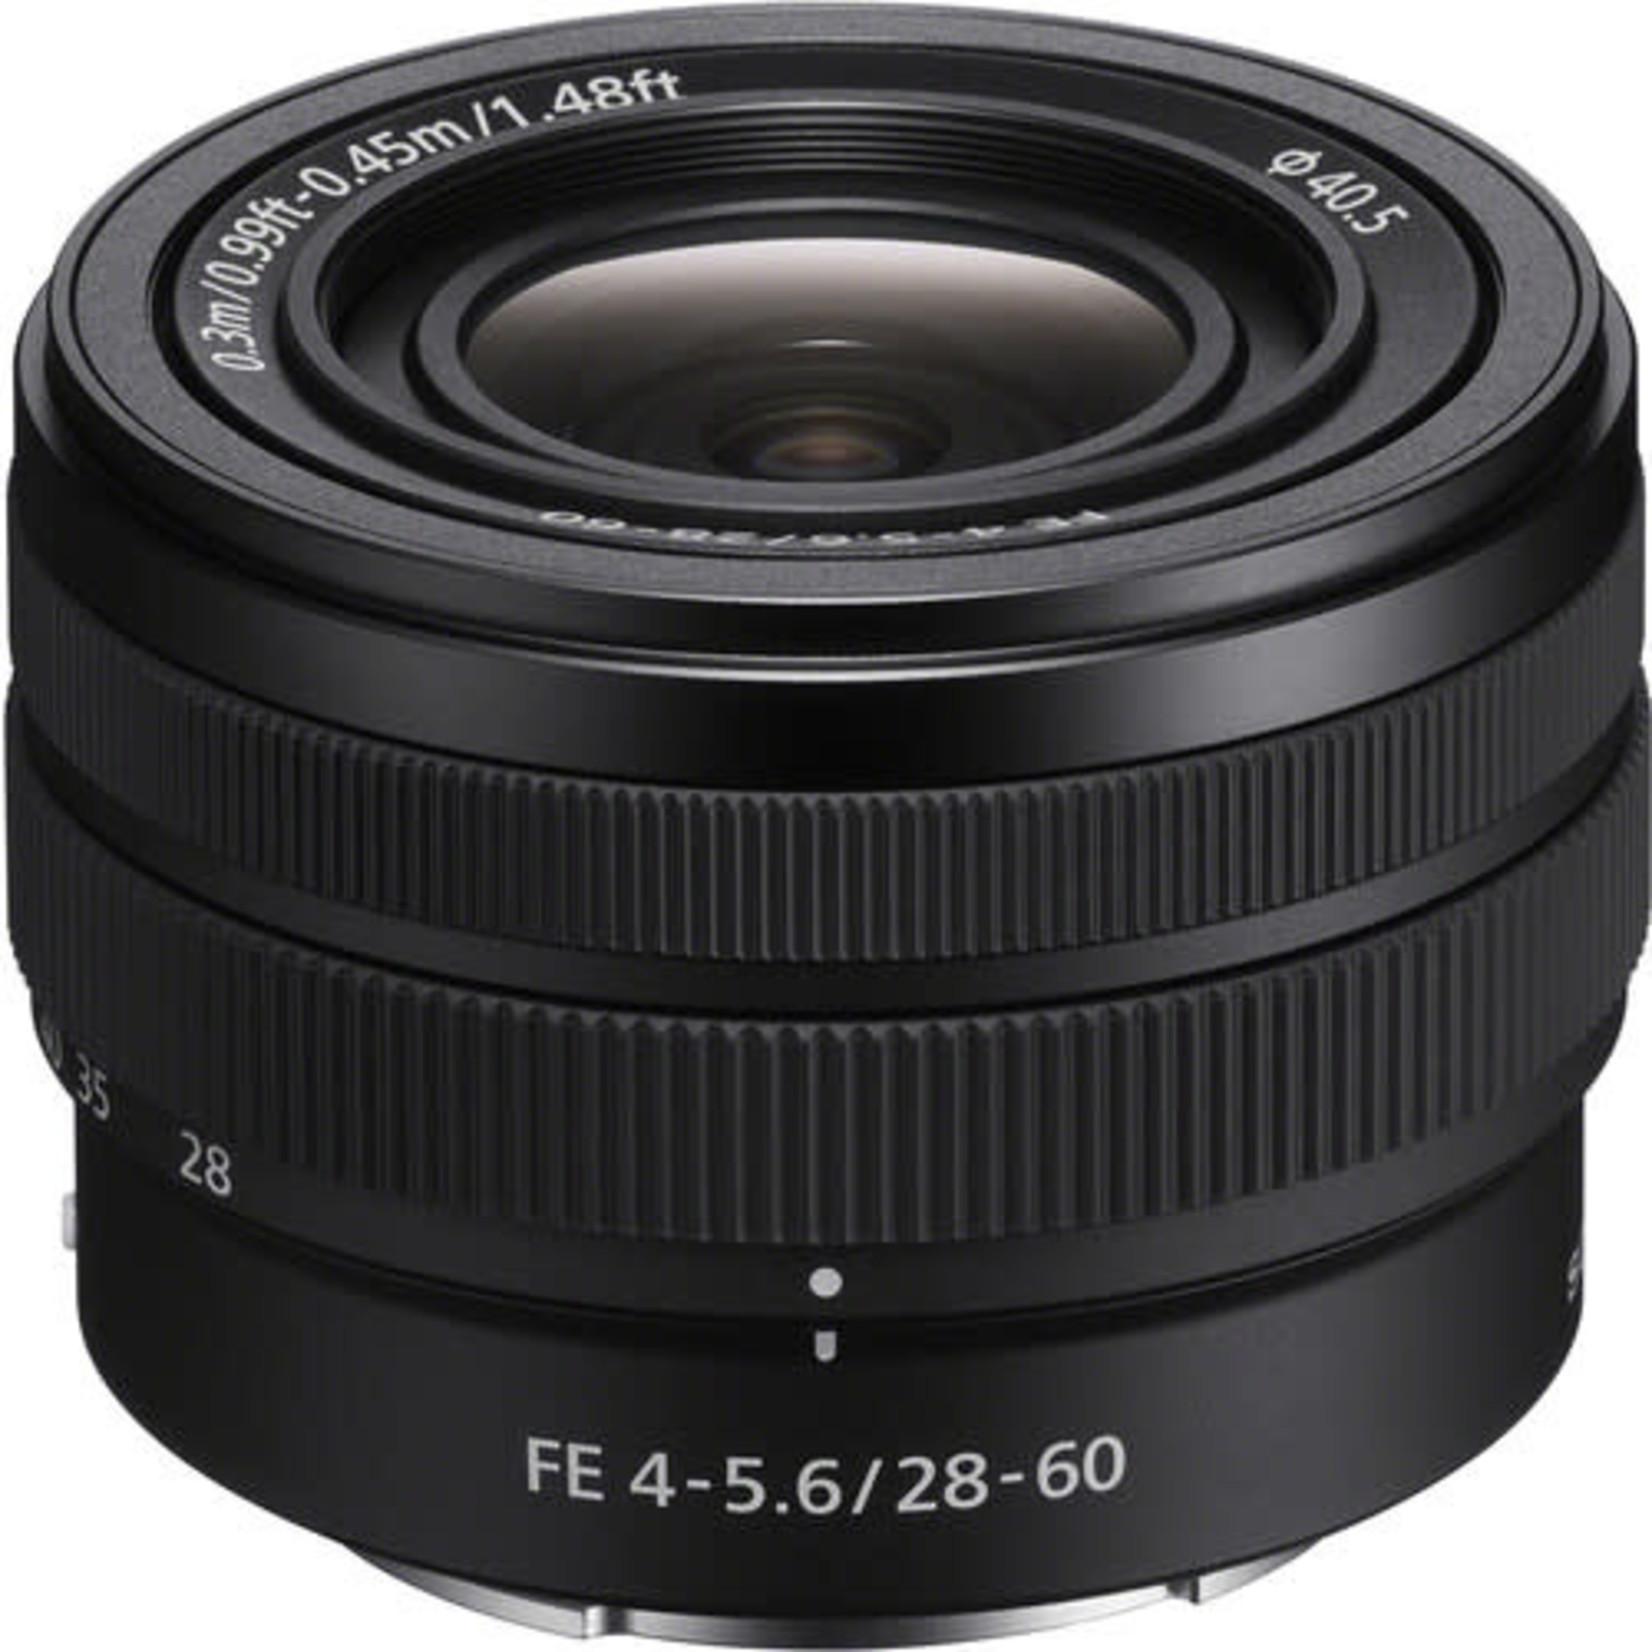 Sony Sony FE 28-60mm f/4-5.6 Lens